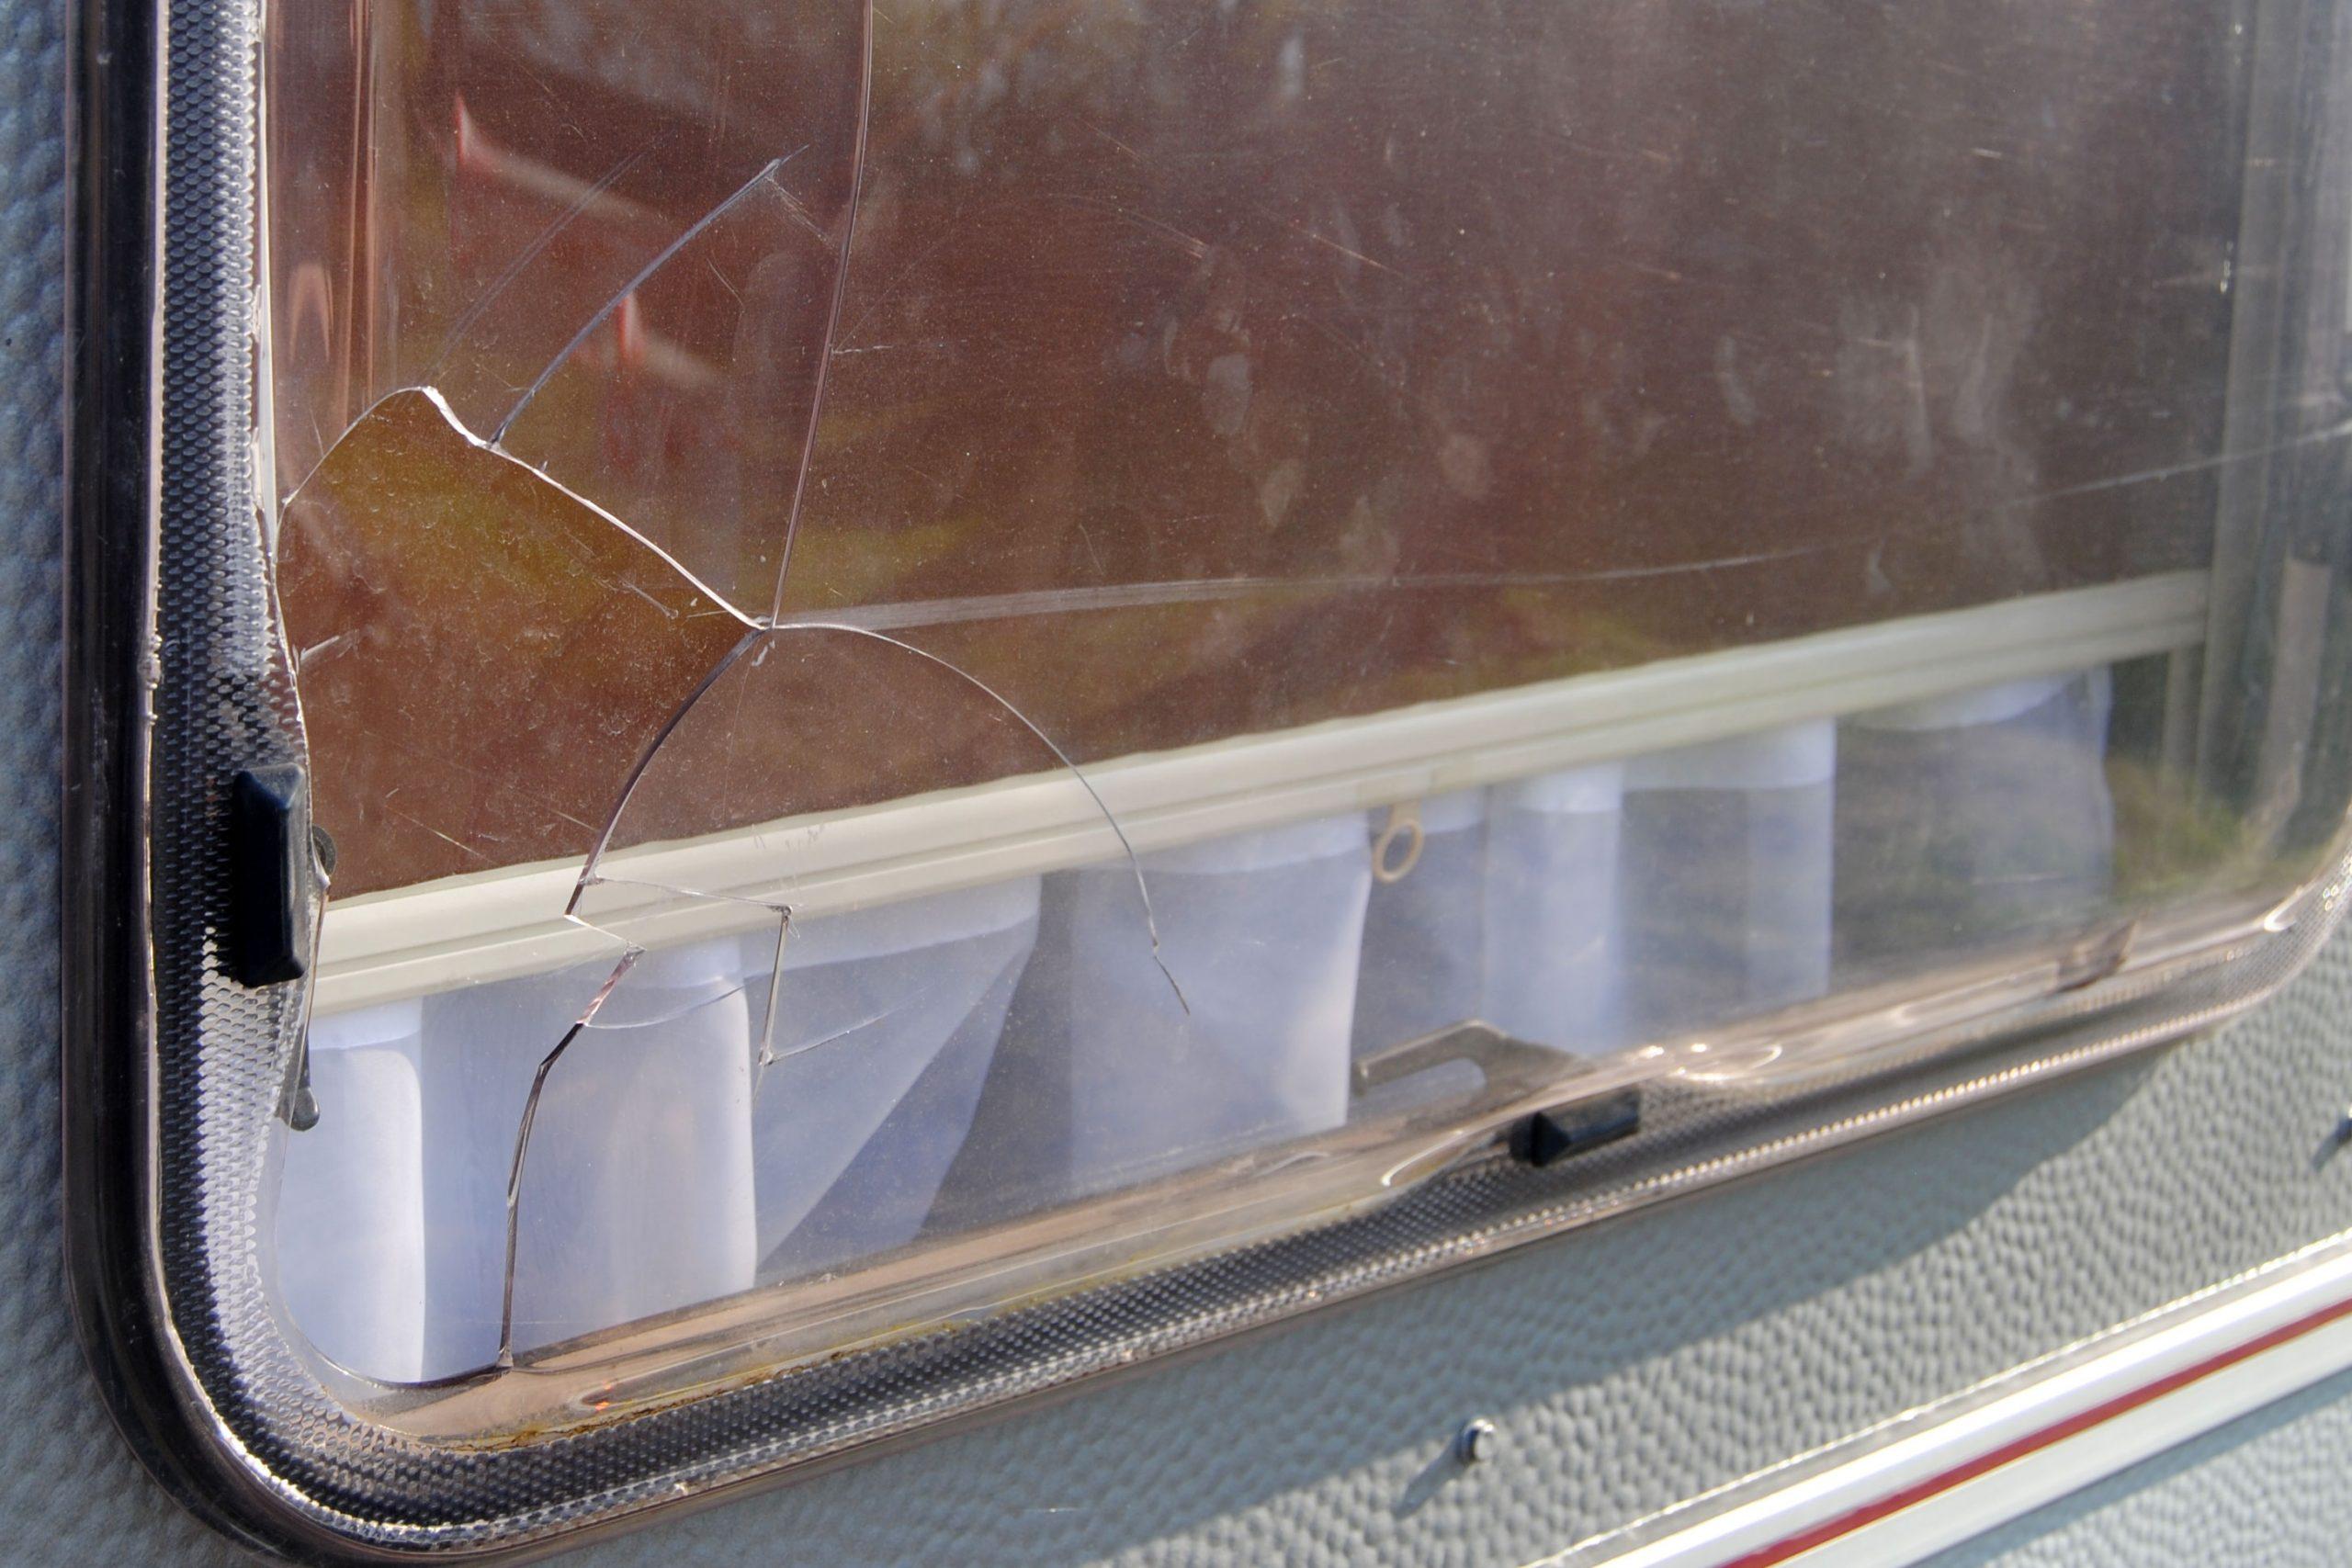 Full Size of Defektes Wohnwagenfenster Ersetzen Neu Oder Gebraucht Dänische Fenster Gebrauchte Kaufen Drutex Anthrazit Kunststoff Fliegengitter Alu 3 Fach Verglasung Fenster Fenster Tauschen